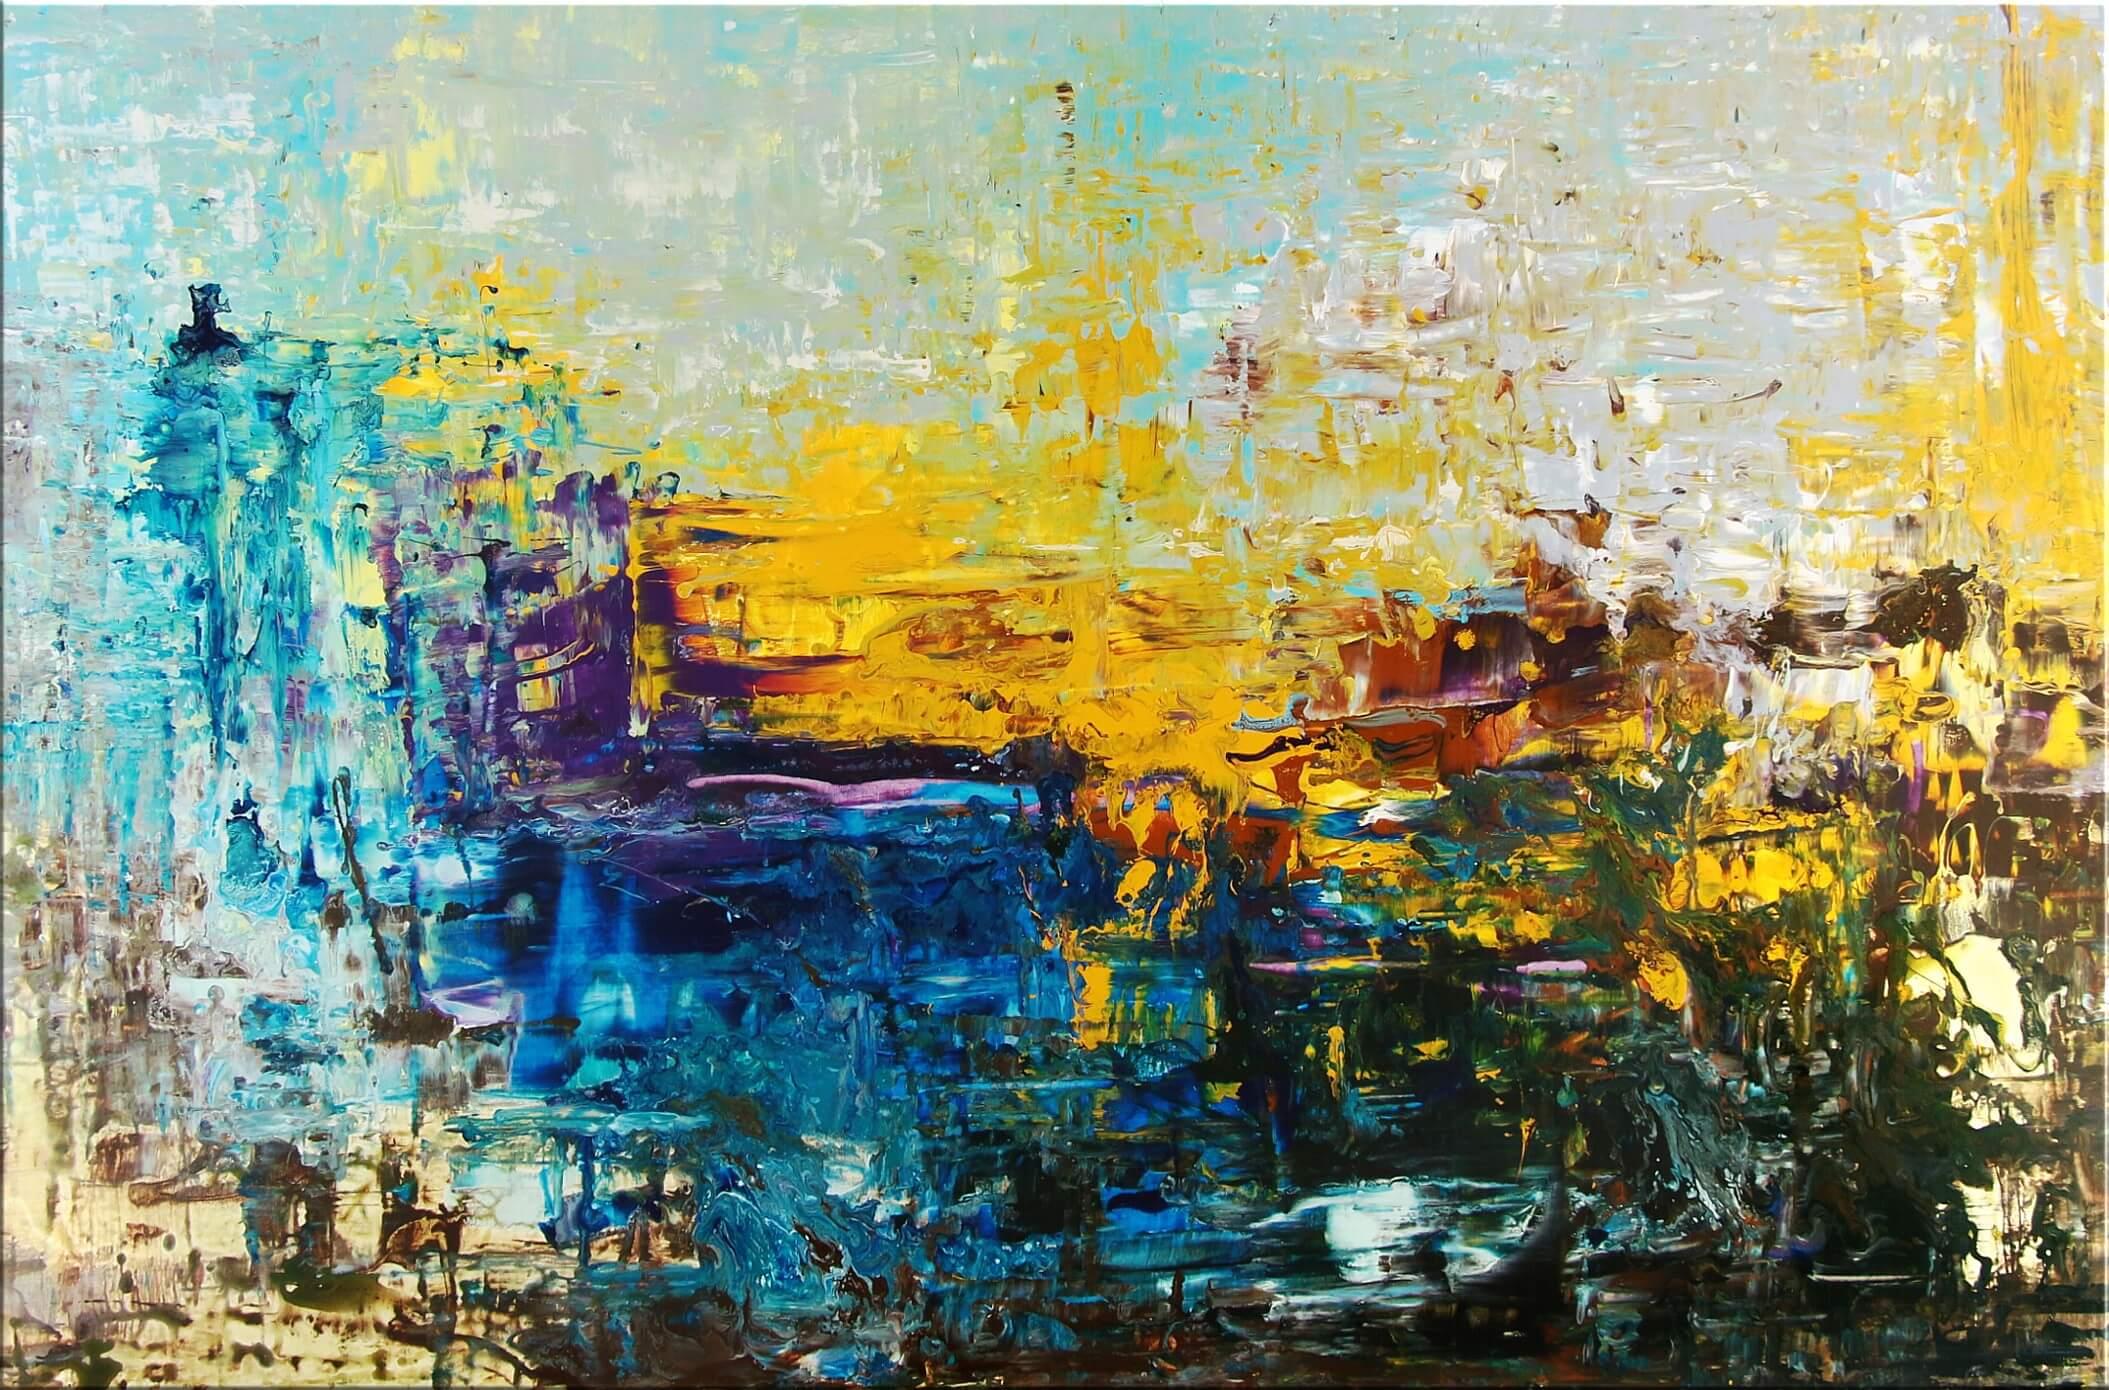 Original Gemälde von Noah de Jong